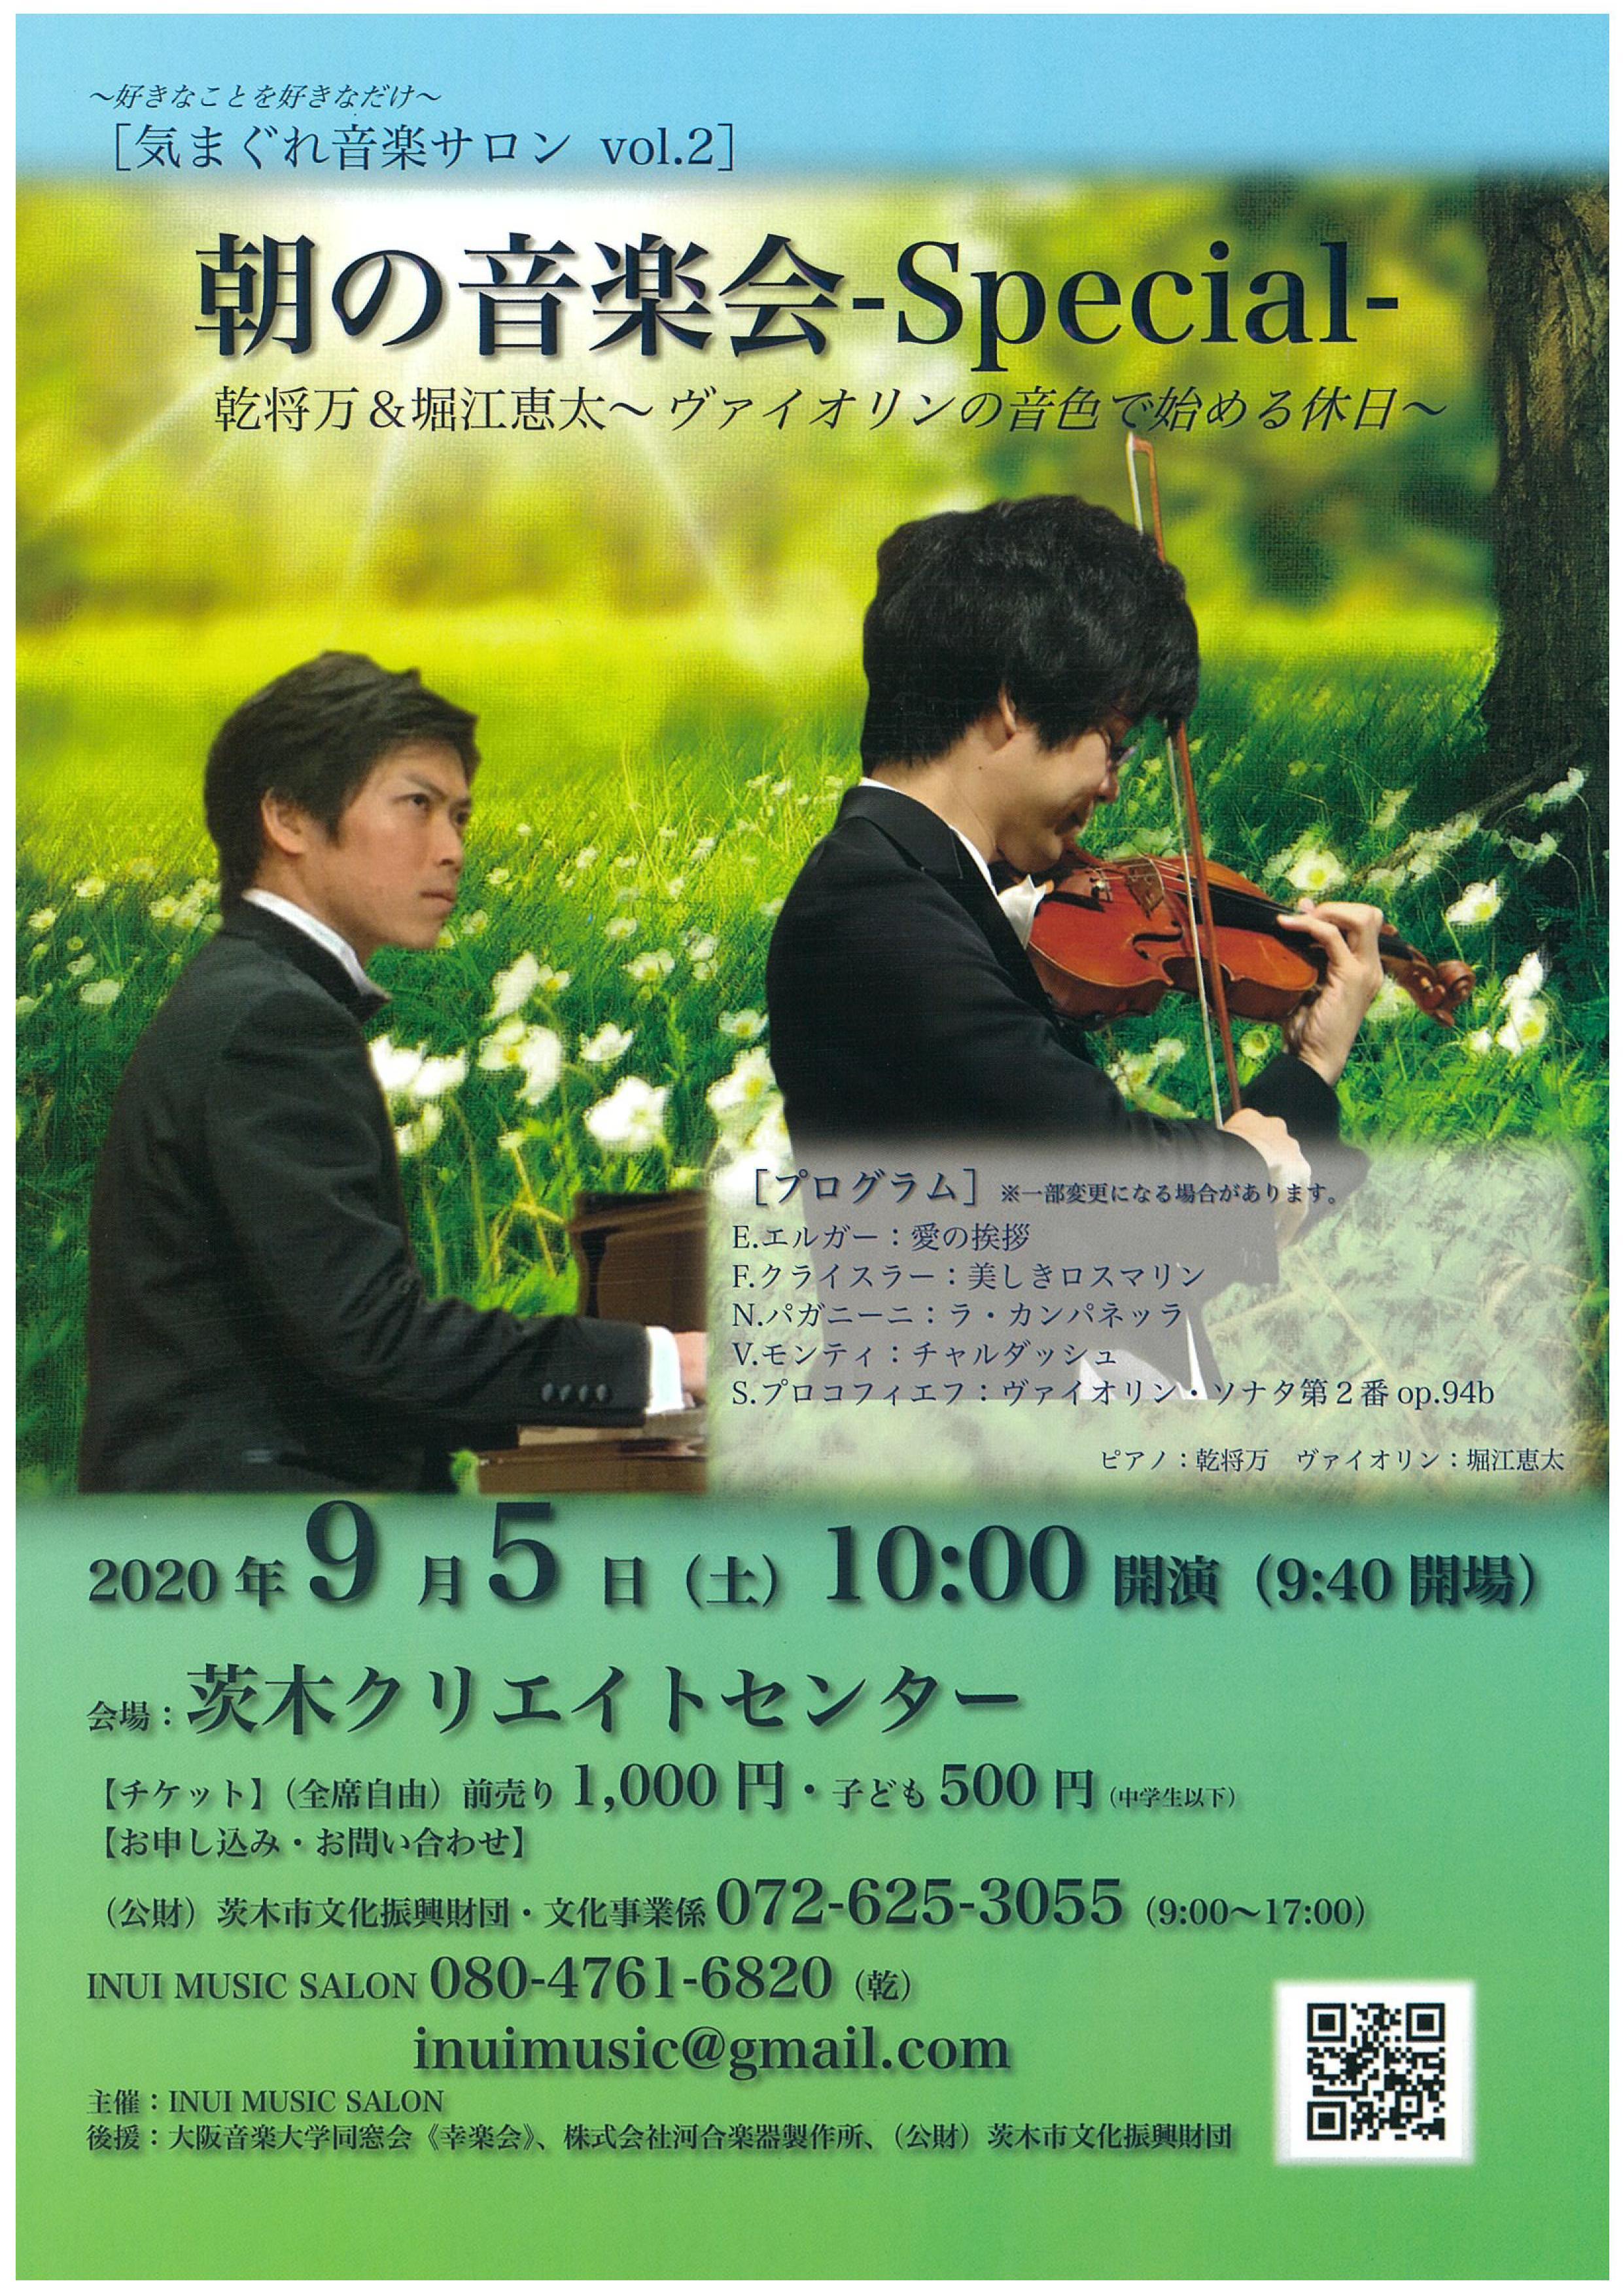 朝の音楽会-Special-